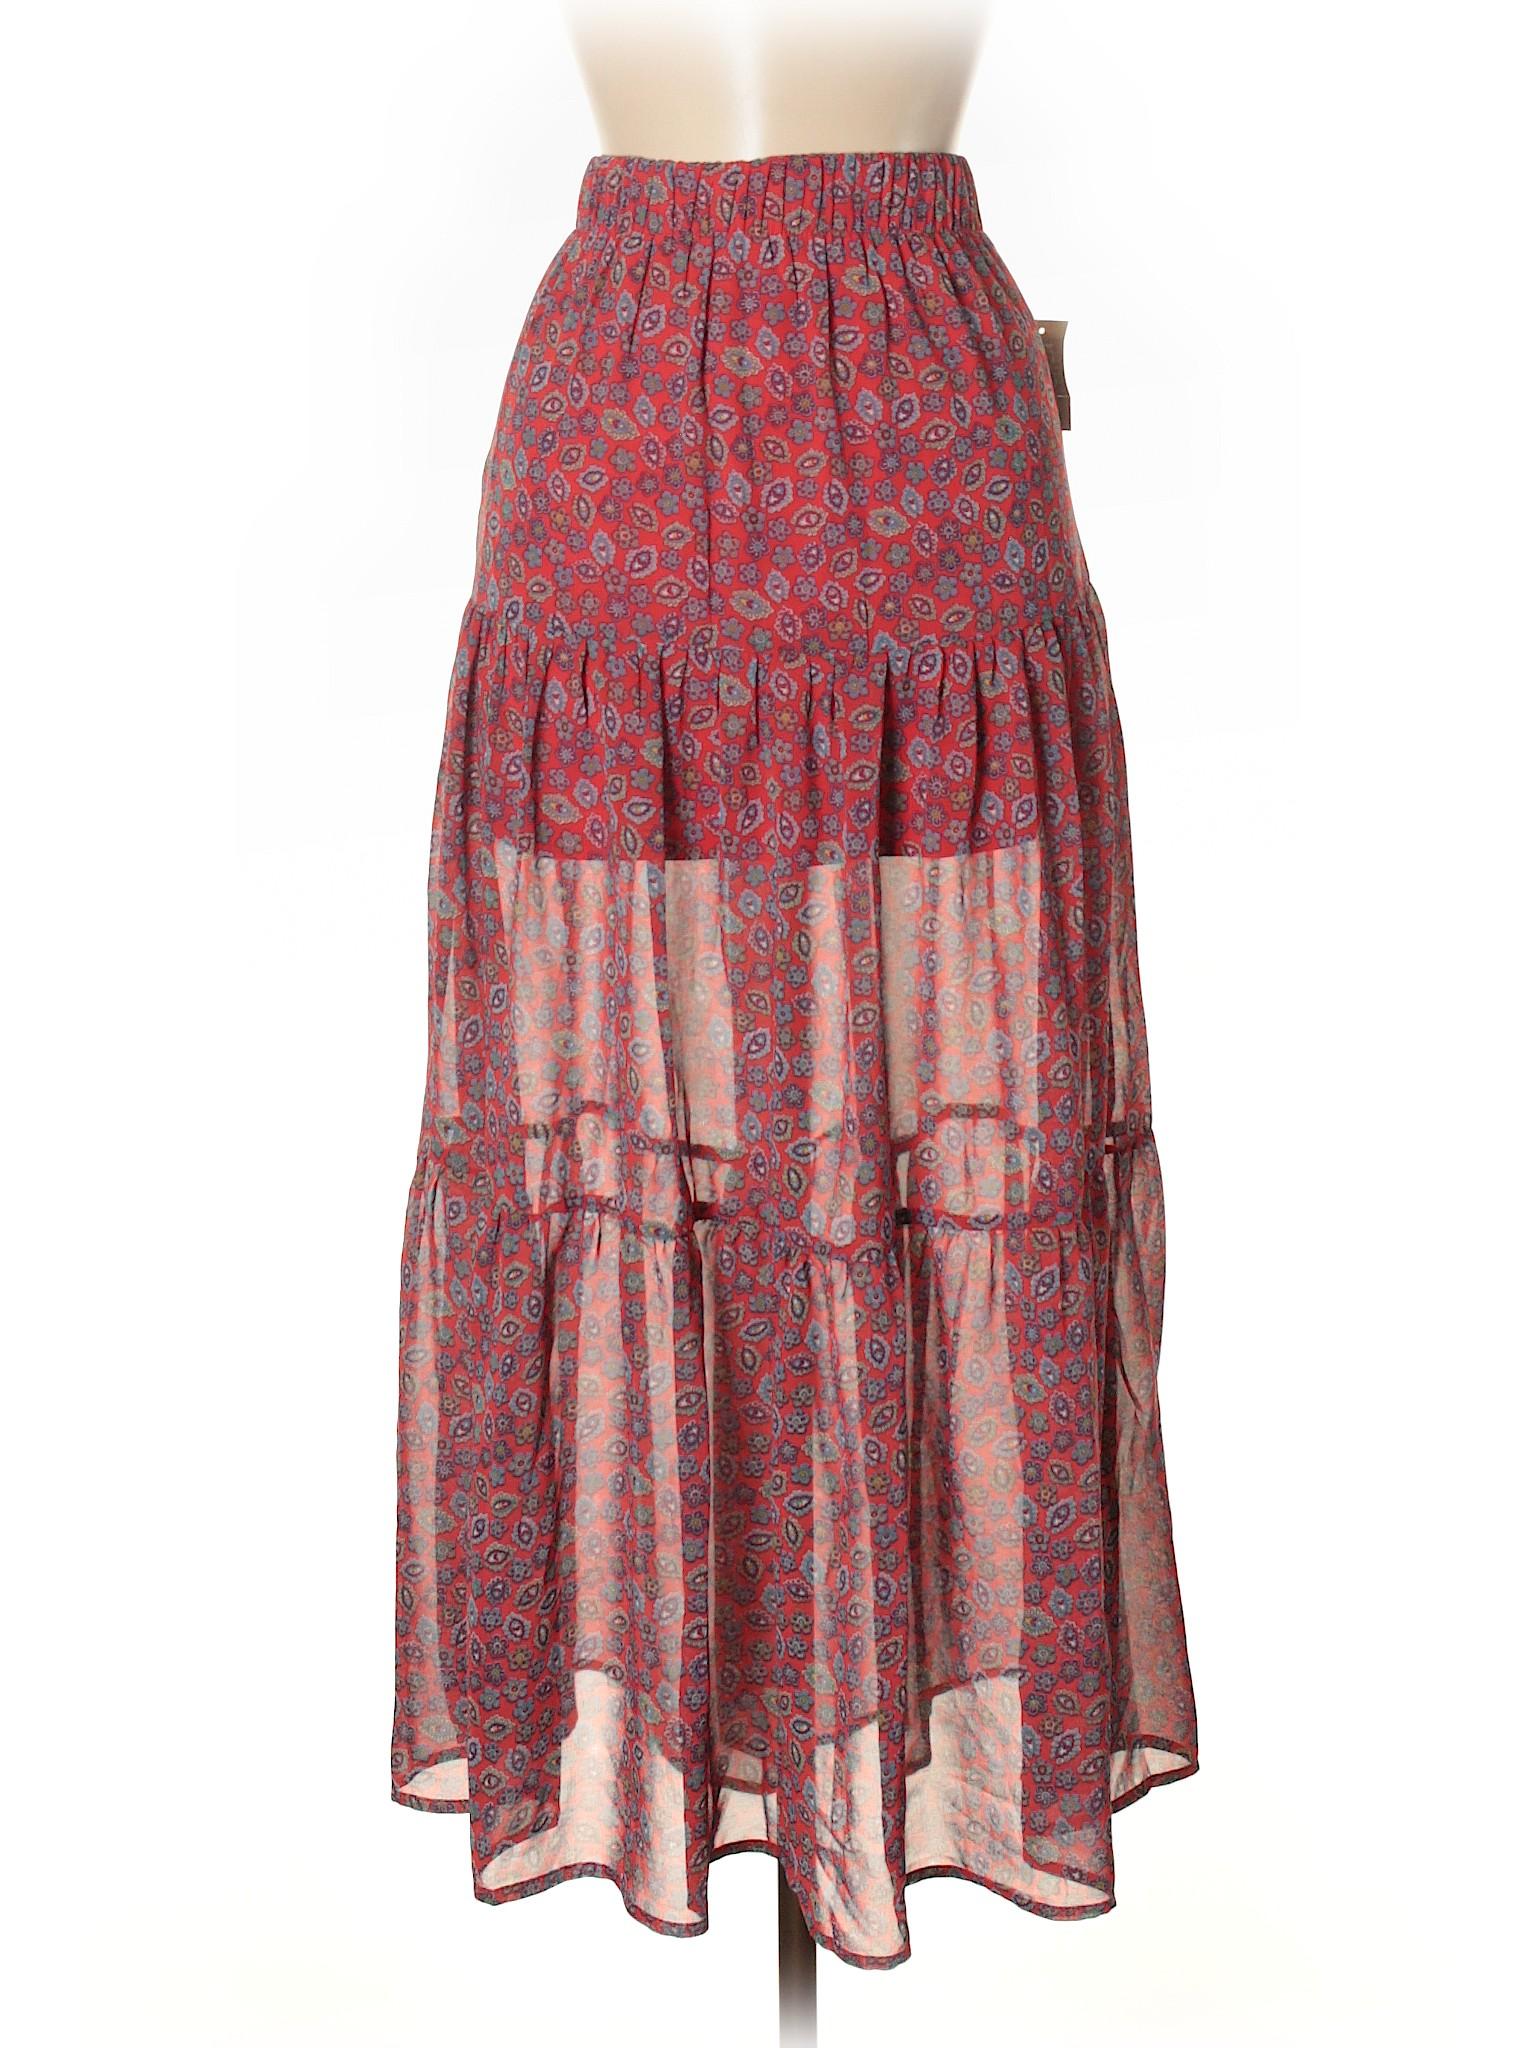 Casual Boutique Boutique Casual Skirt Skirt Boutique wRvq7v8E